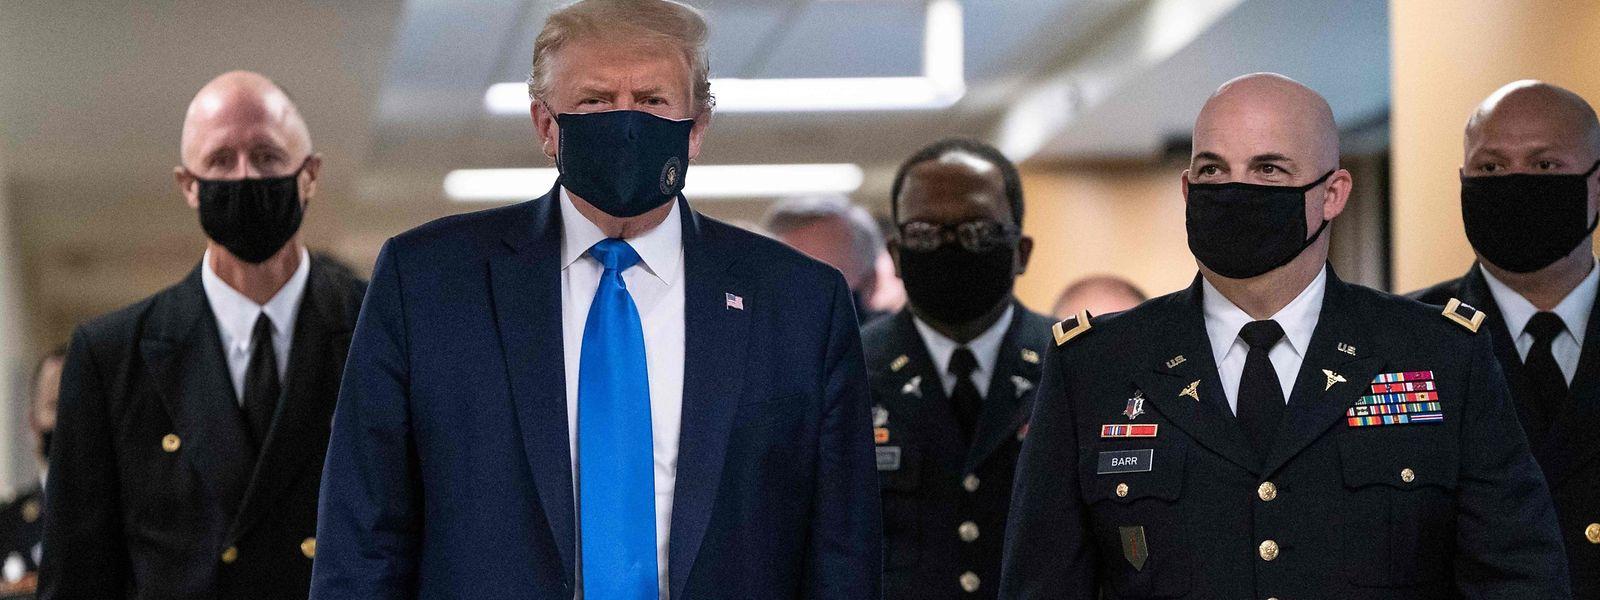 Bisher hatte der US-Präsident das Tragen einer Maske für sich selbst abgelehnt.